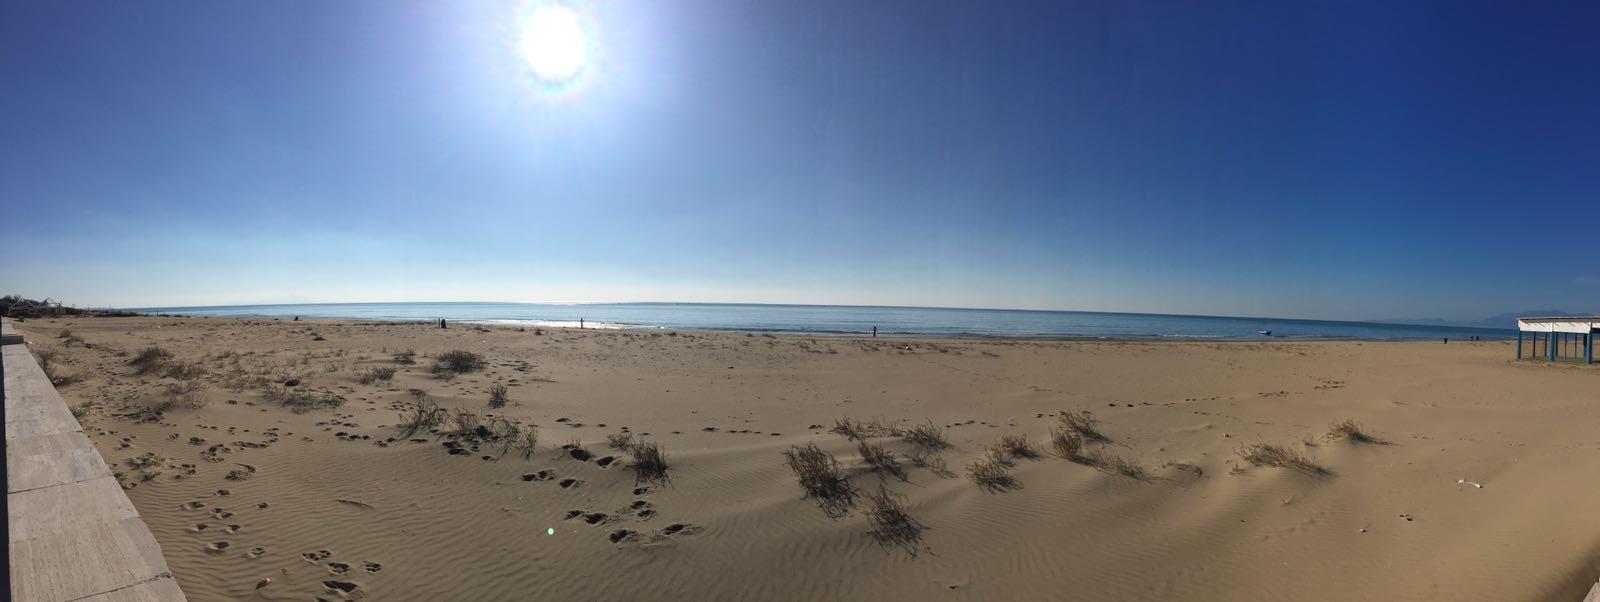 Spiaggia Novembre 2016 – Mondragone